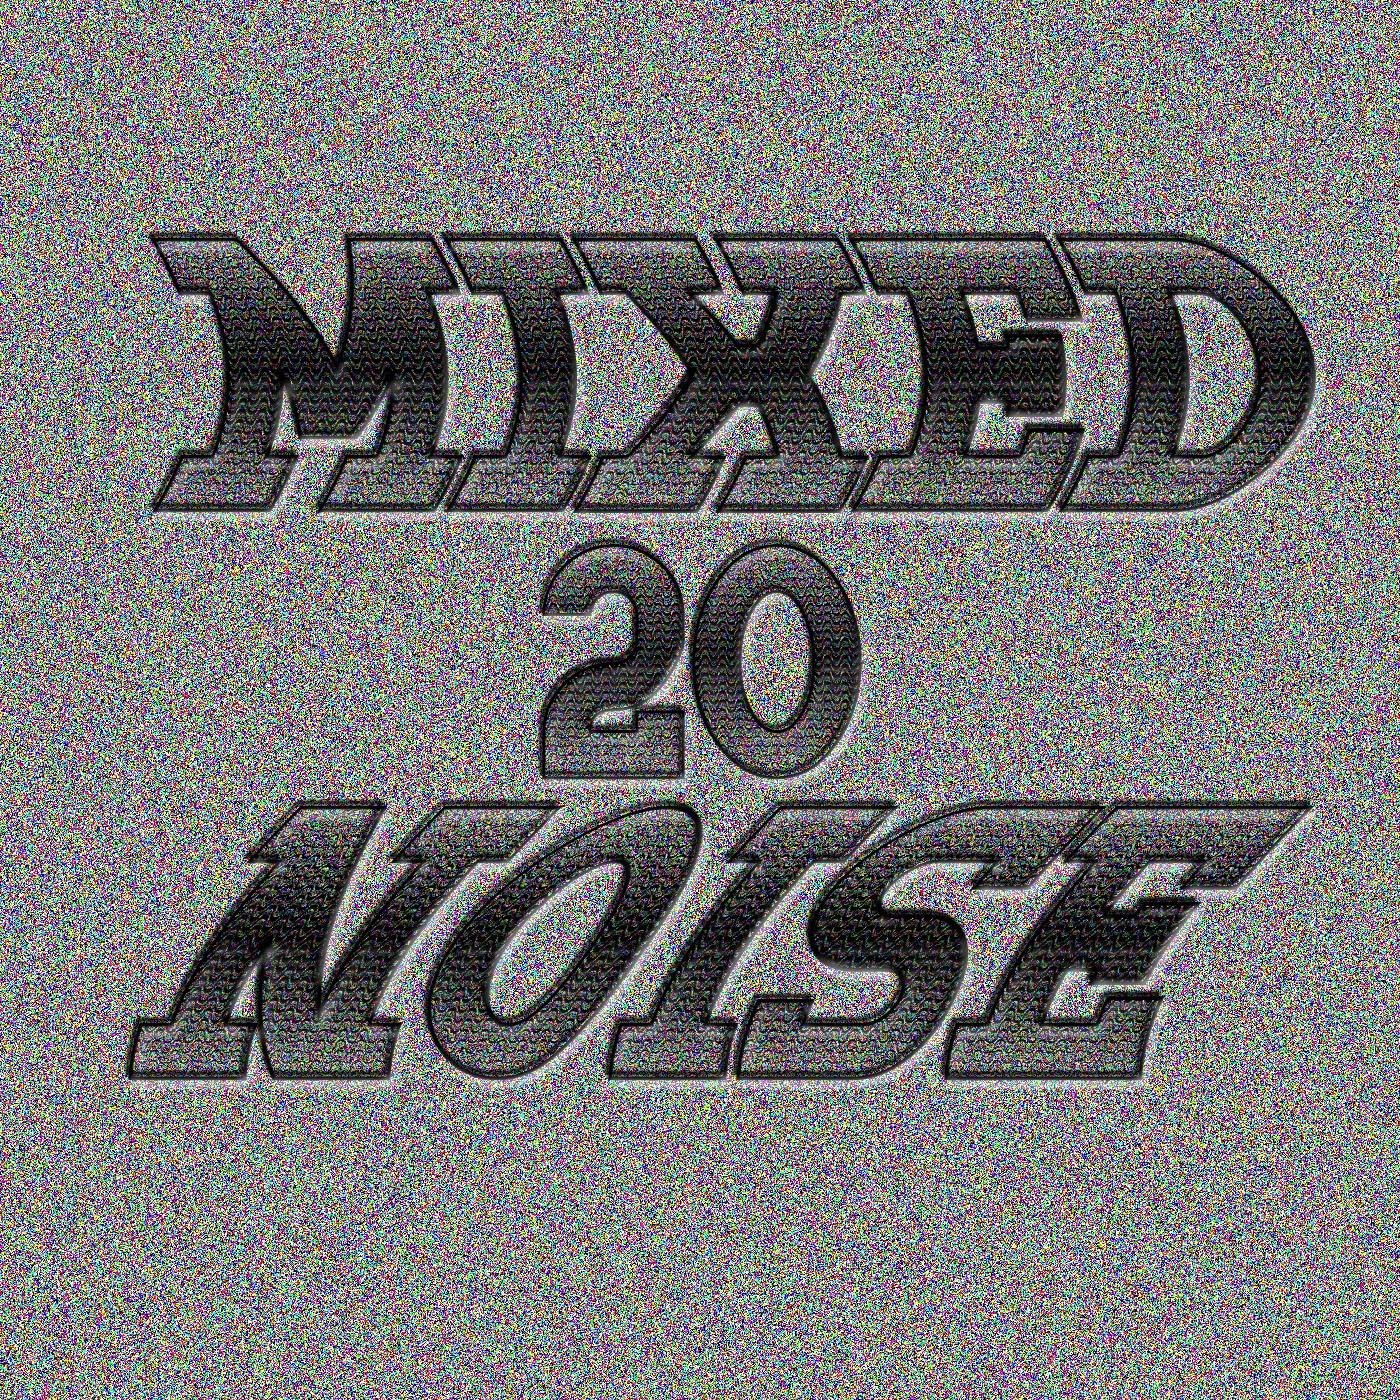 mixednoiselogo20